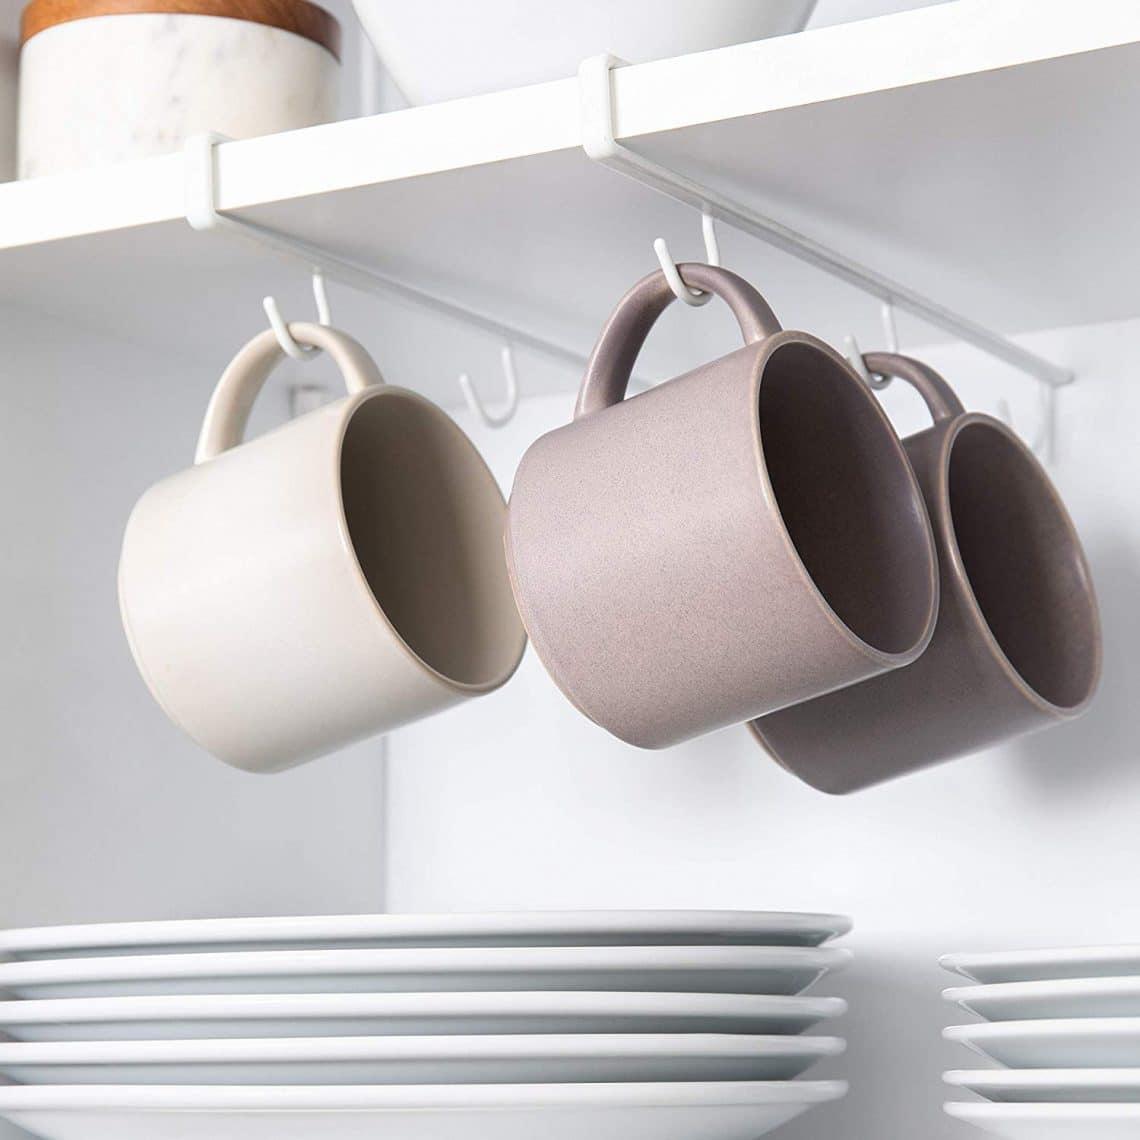 crochets pour tasses dans étagères sans trouer